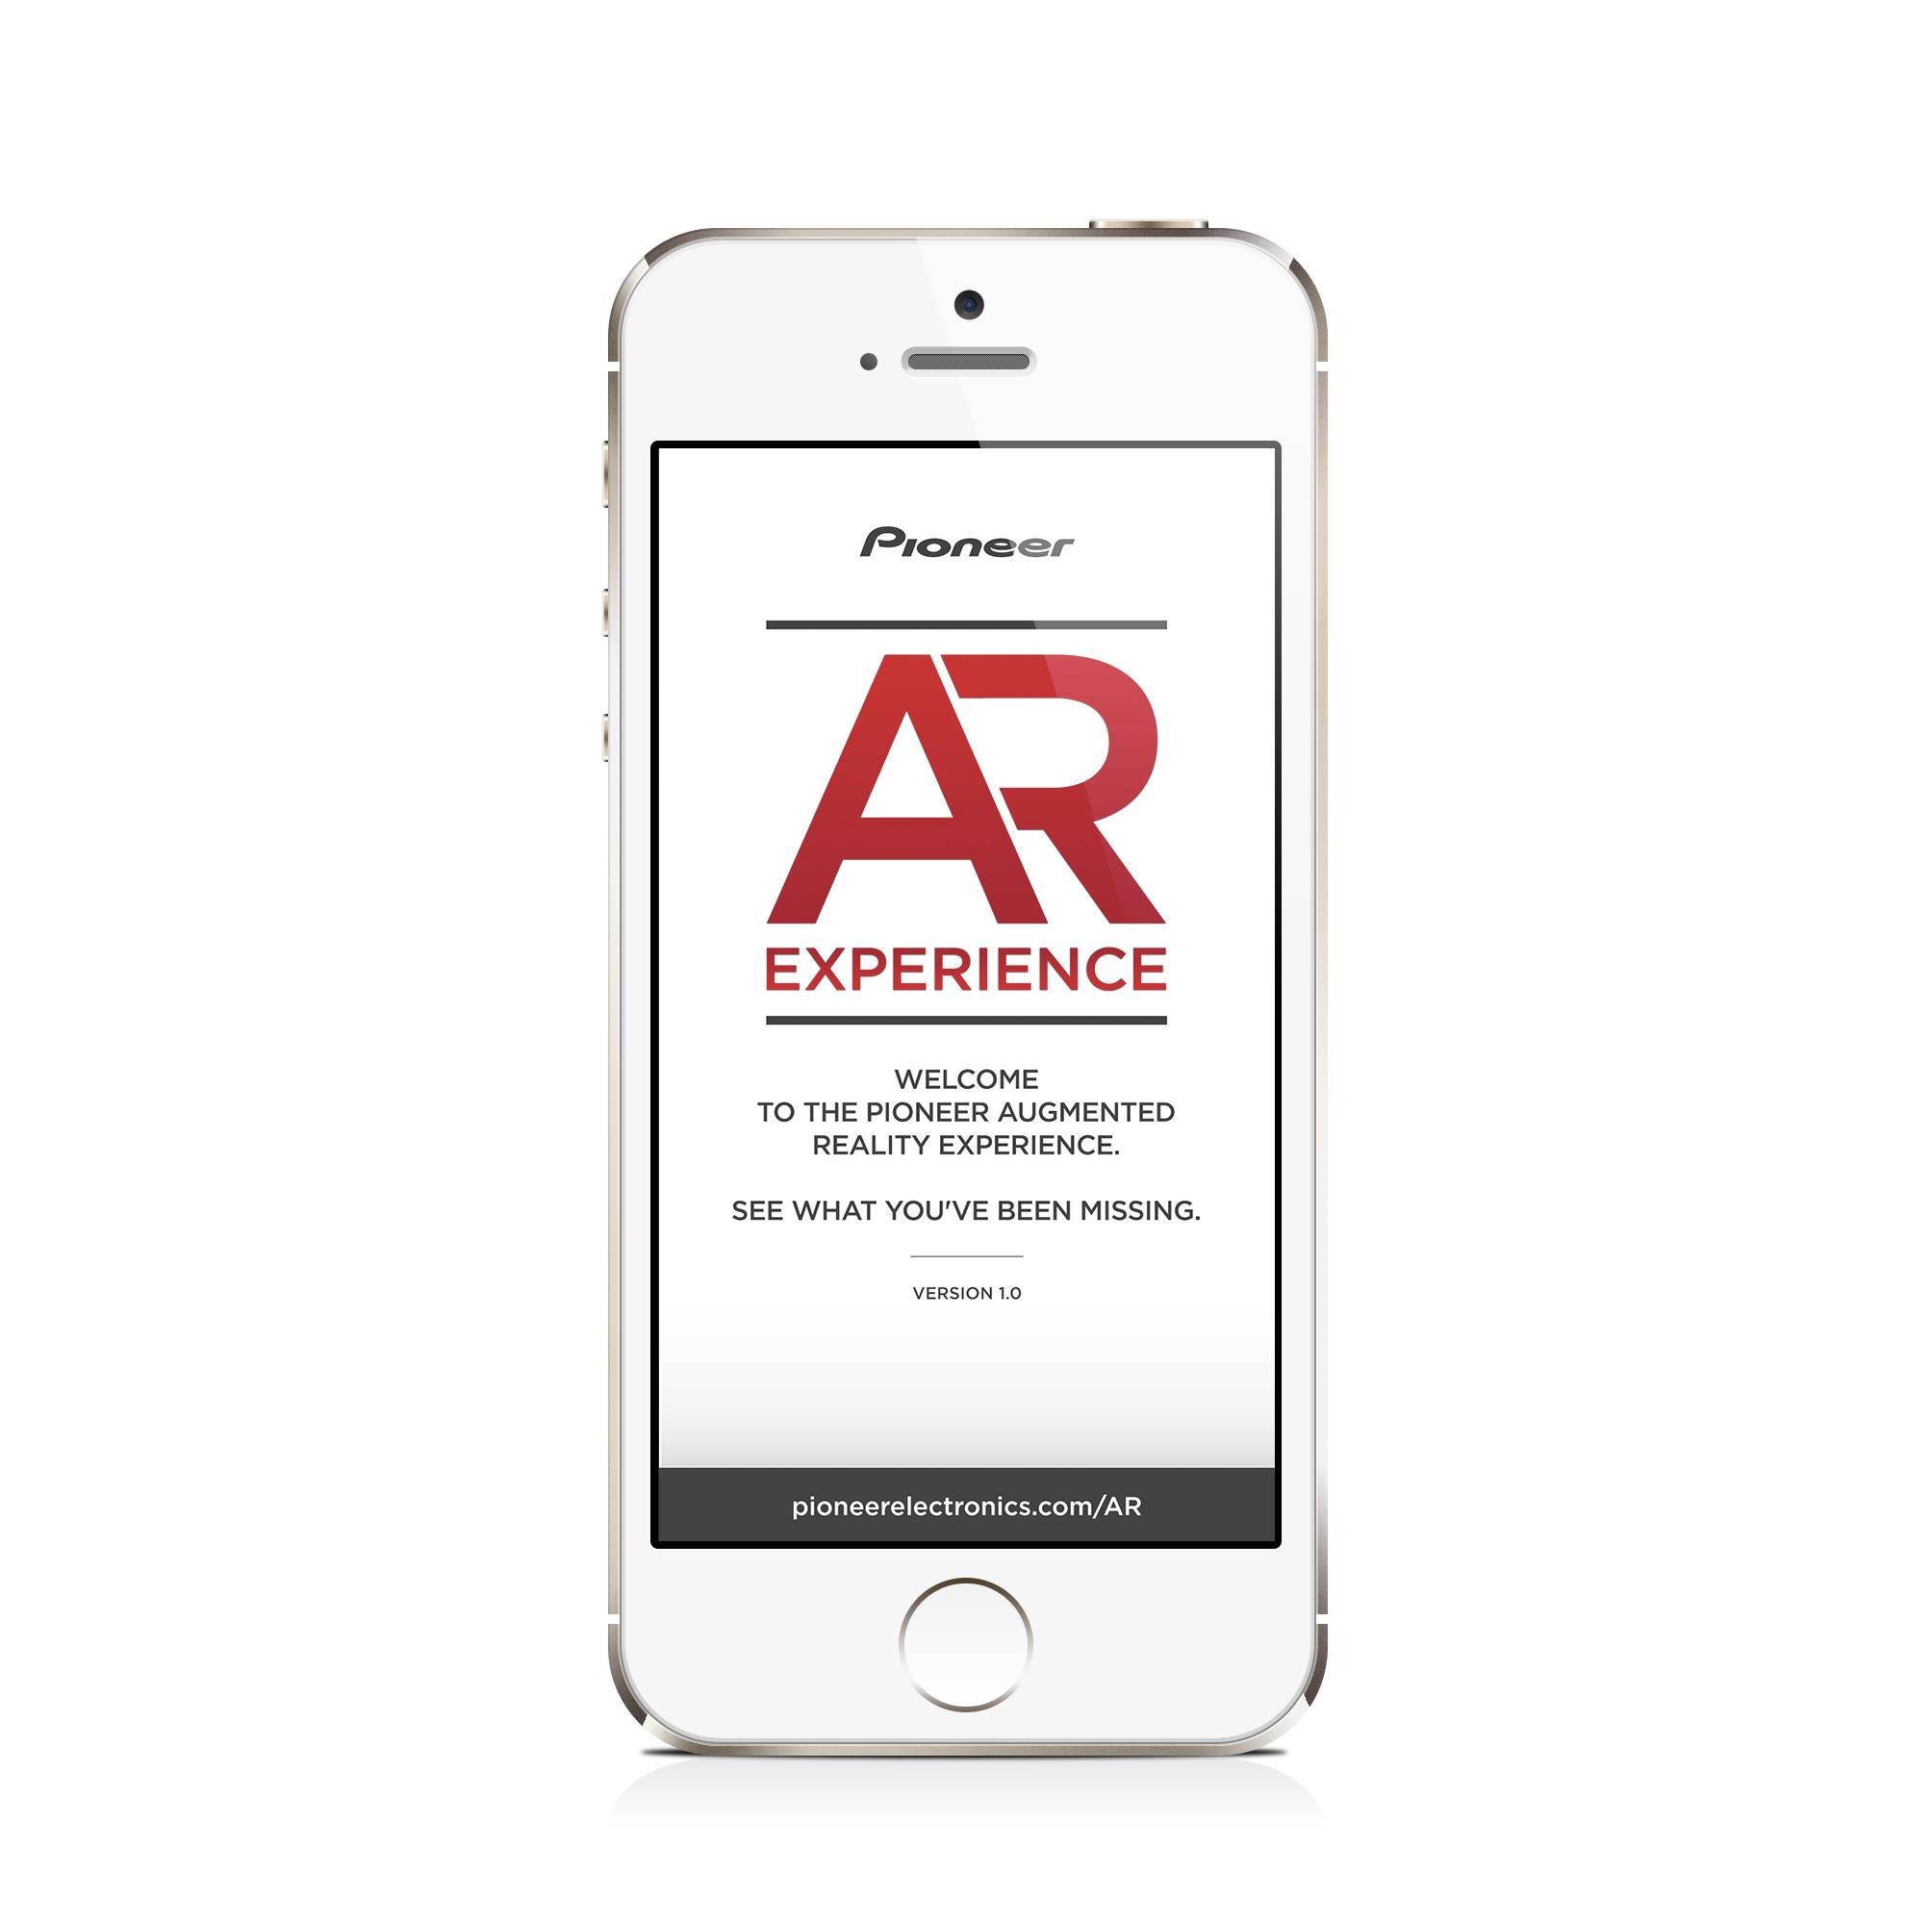 AR Experience App